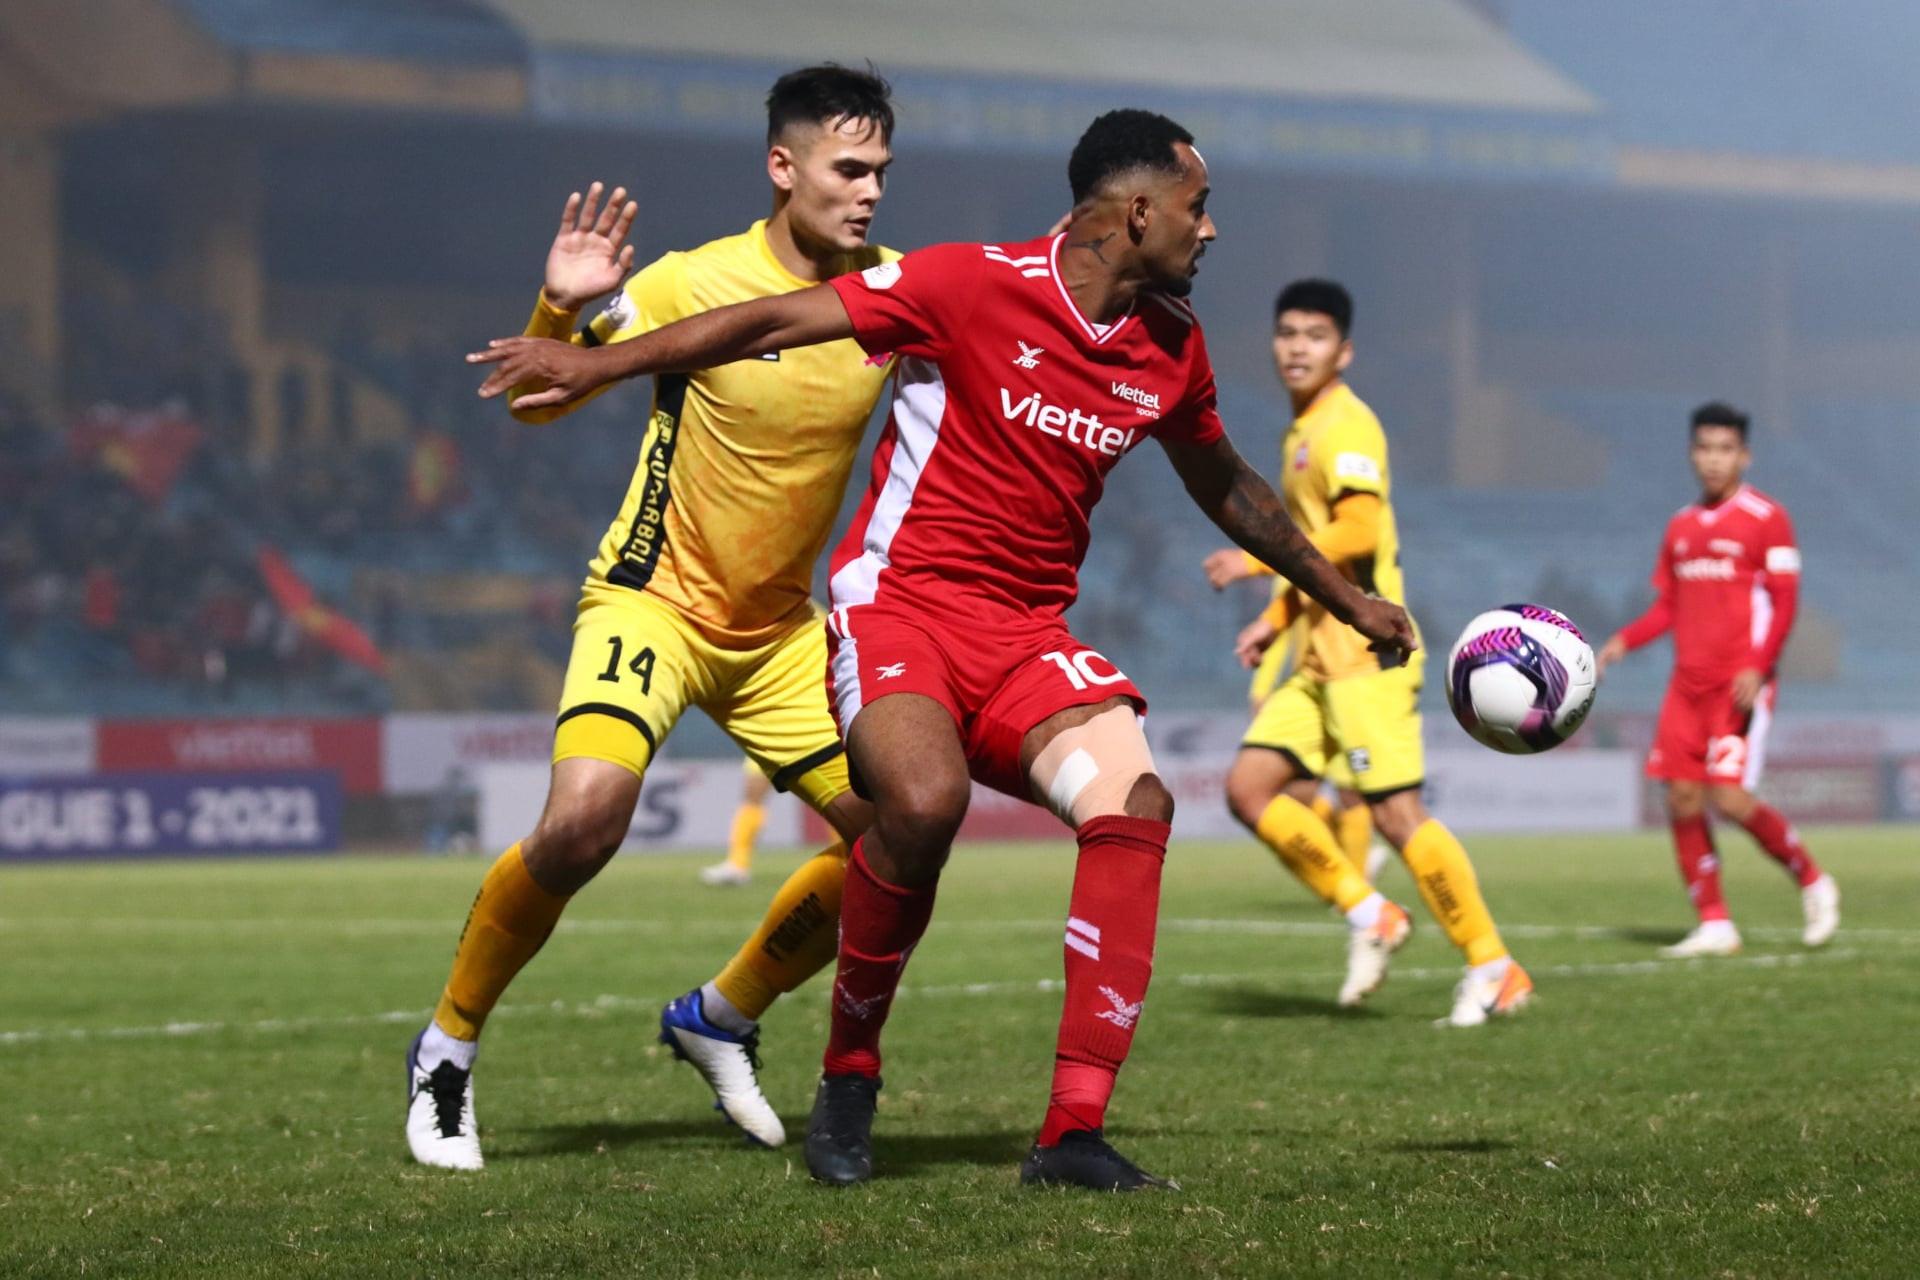 HLV Trương Việt Hoàng: 'CLB Viettel không muốn thua thêm nữa' - 1